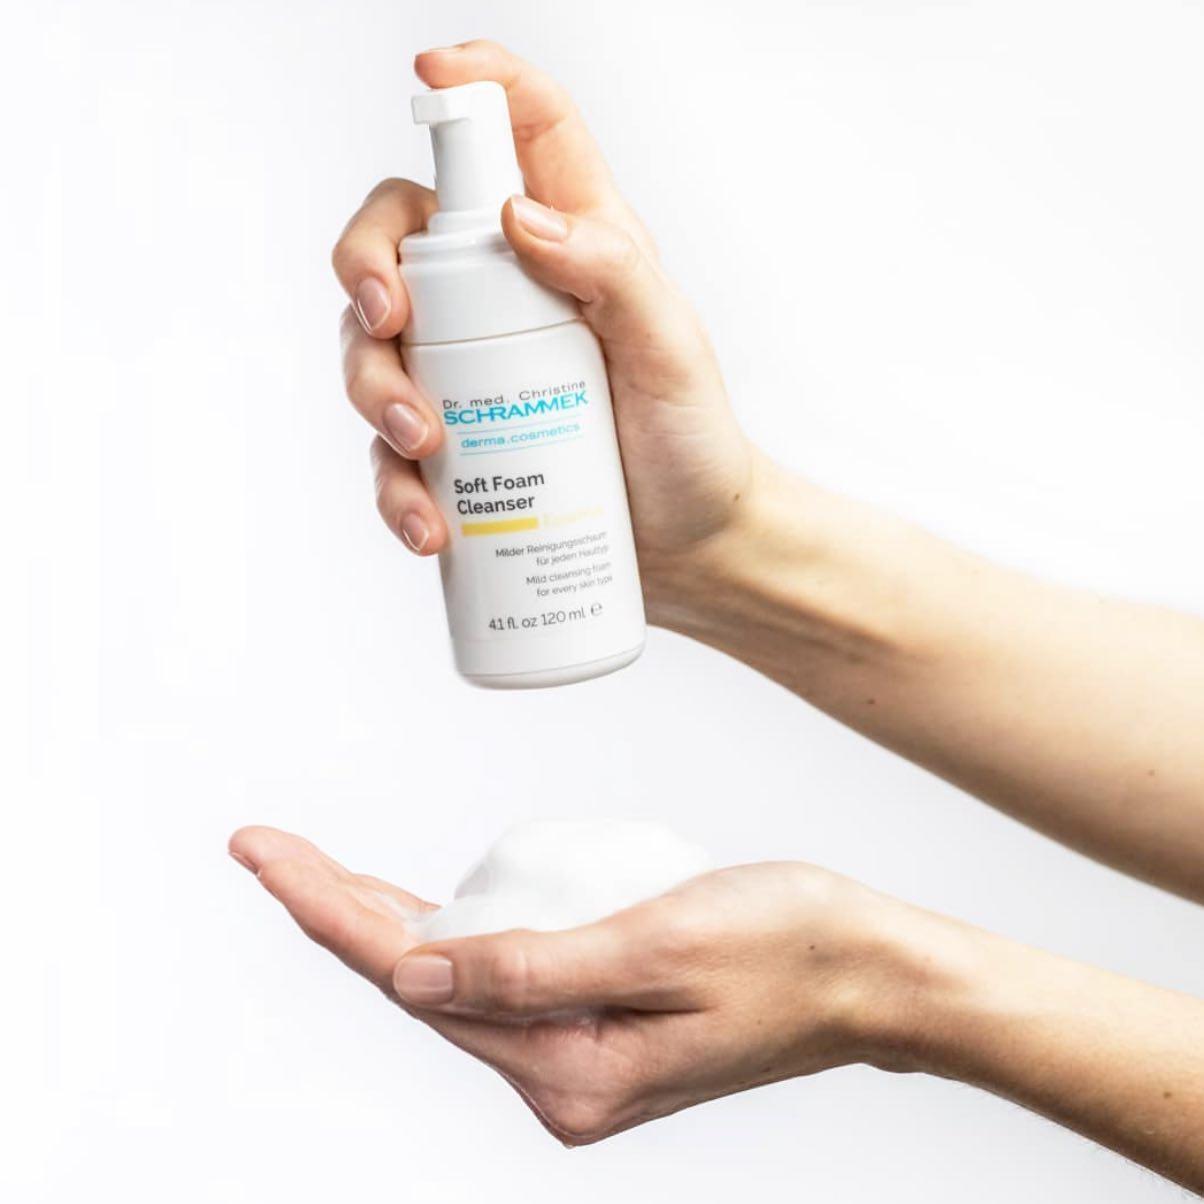 Soft Foam Cleanser er et mildt og effektivt renseskum med pleiende virkestoffer som støtter hudens helningsprosesser  Fjerner makeup, talg, svette, smuss og forurensning effektivt og etterlater huden ren og myk. For alle hudtyper. Perfekt å ha med der sommerferien ferdes🏻